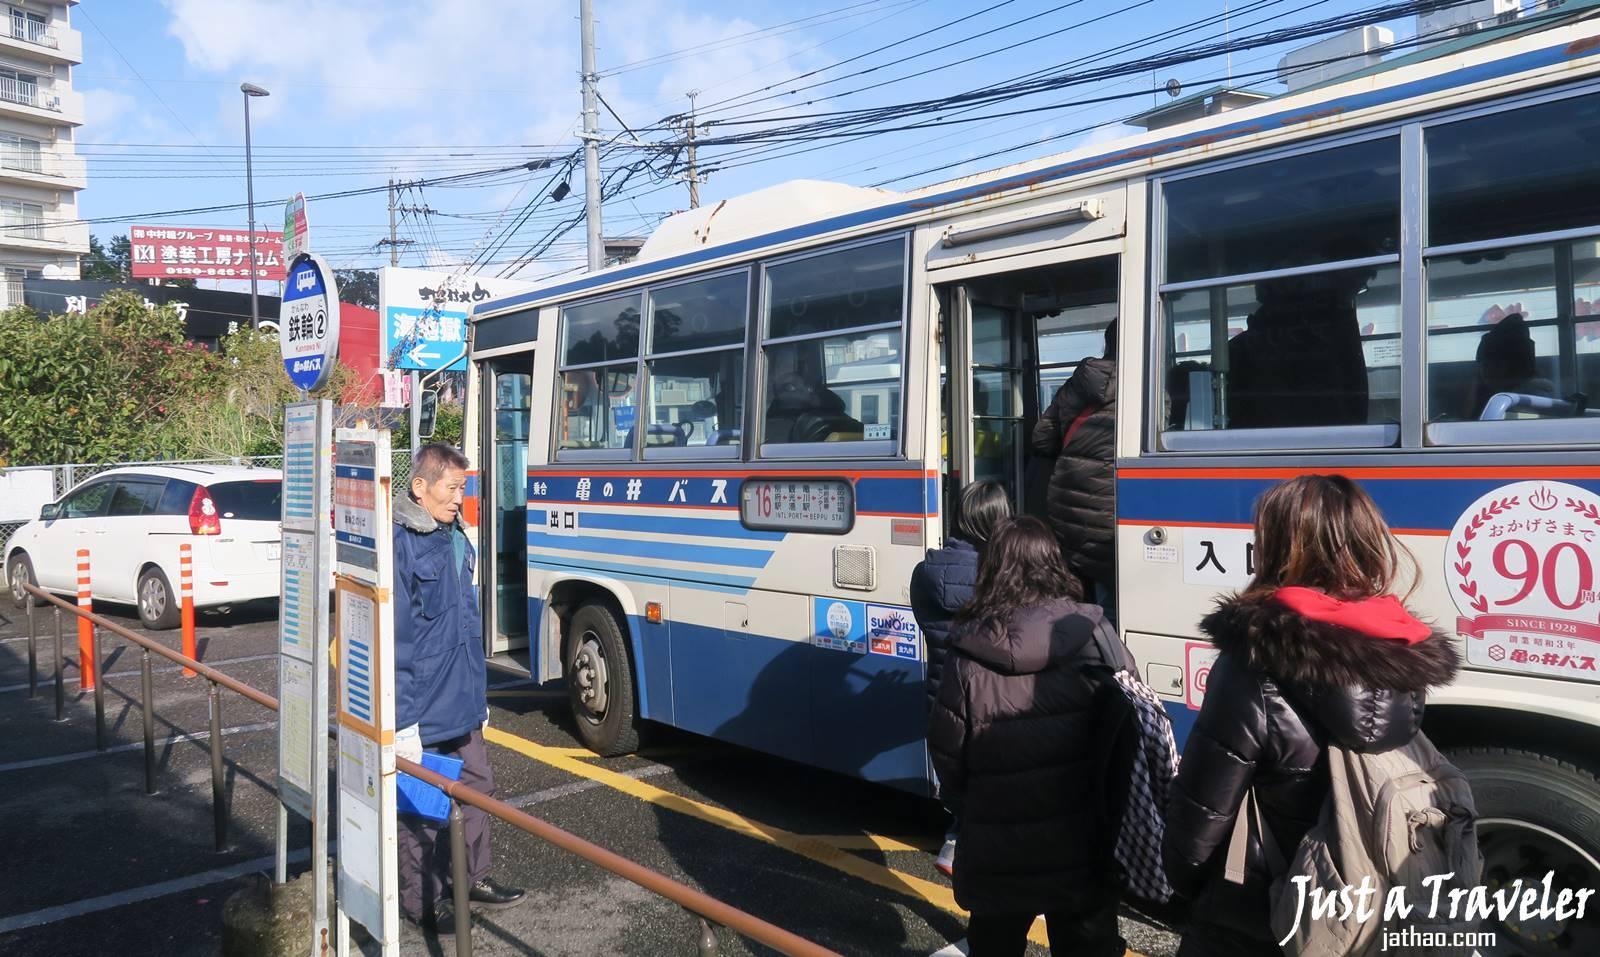 九州-交通-SUNQ PASS-九州巴士-九州公車-自由乘車券-北九州SUNQ PASS-南九州SUNQ PASS-全九州SUNQ PASS-三日券-四日券-優惠-折扣-使用-購買-票價-Kyushu